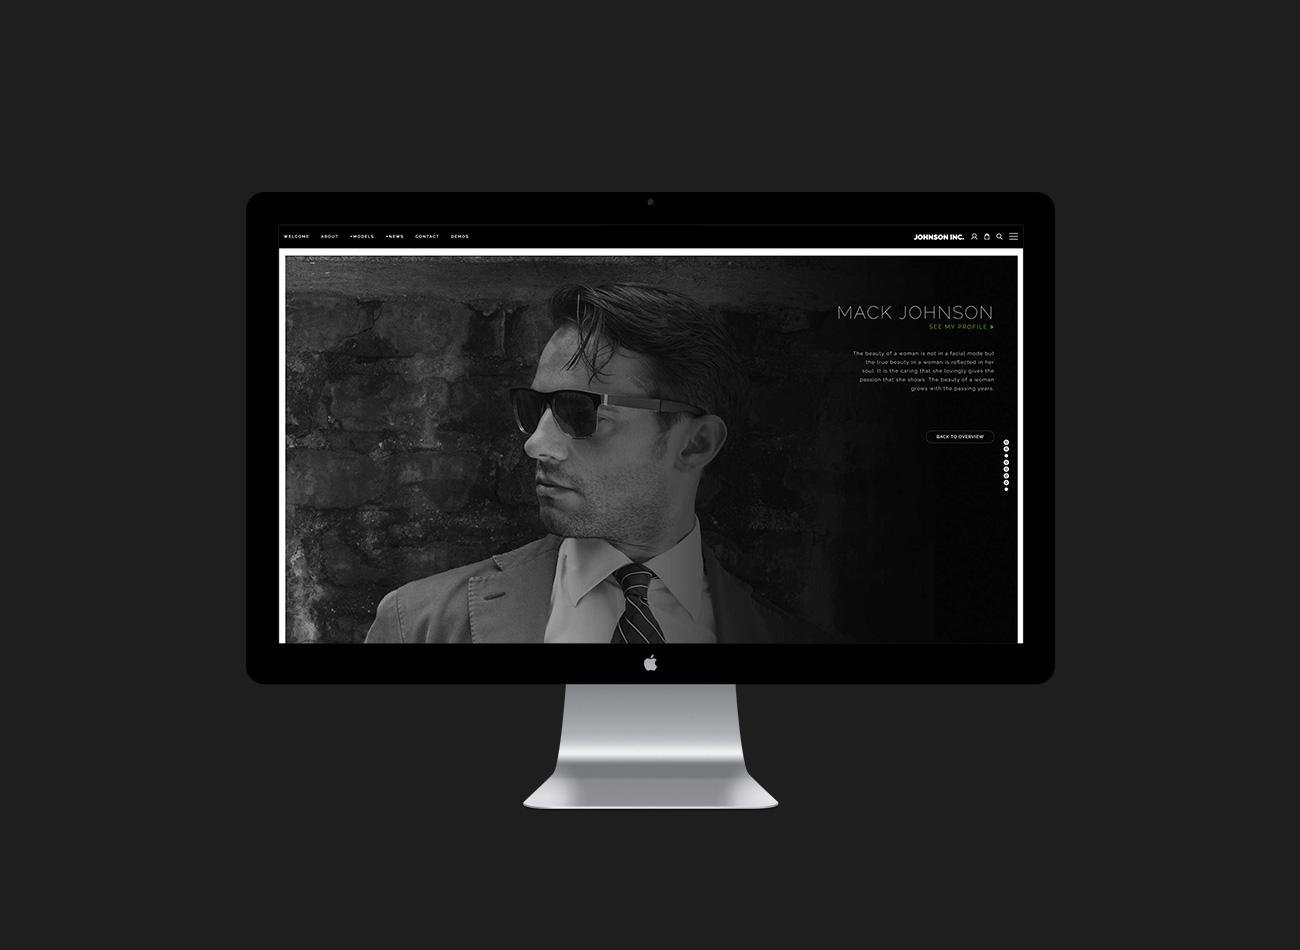 GOEDKOPE-WEBSITES